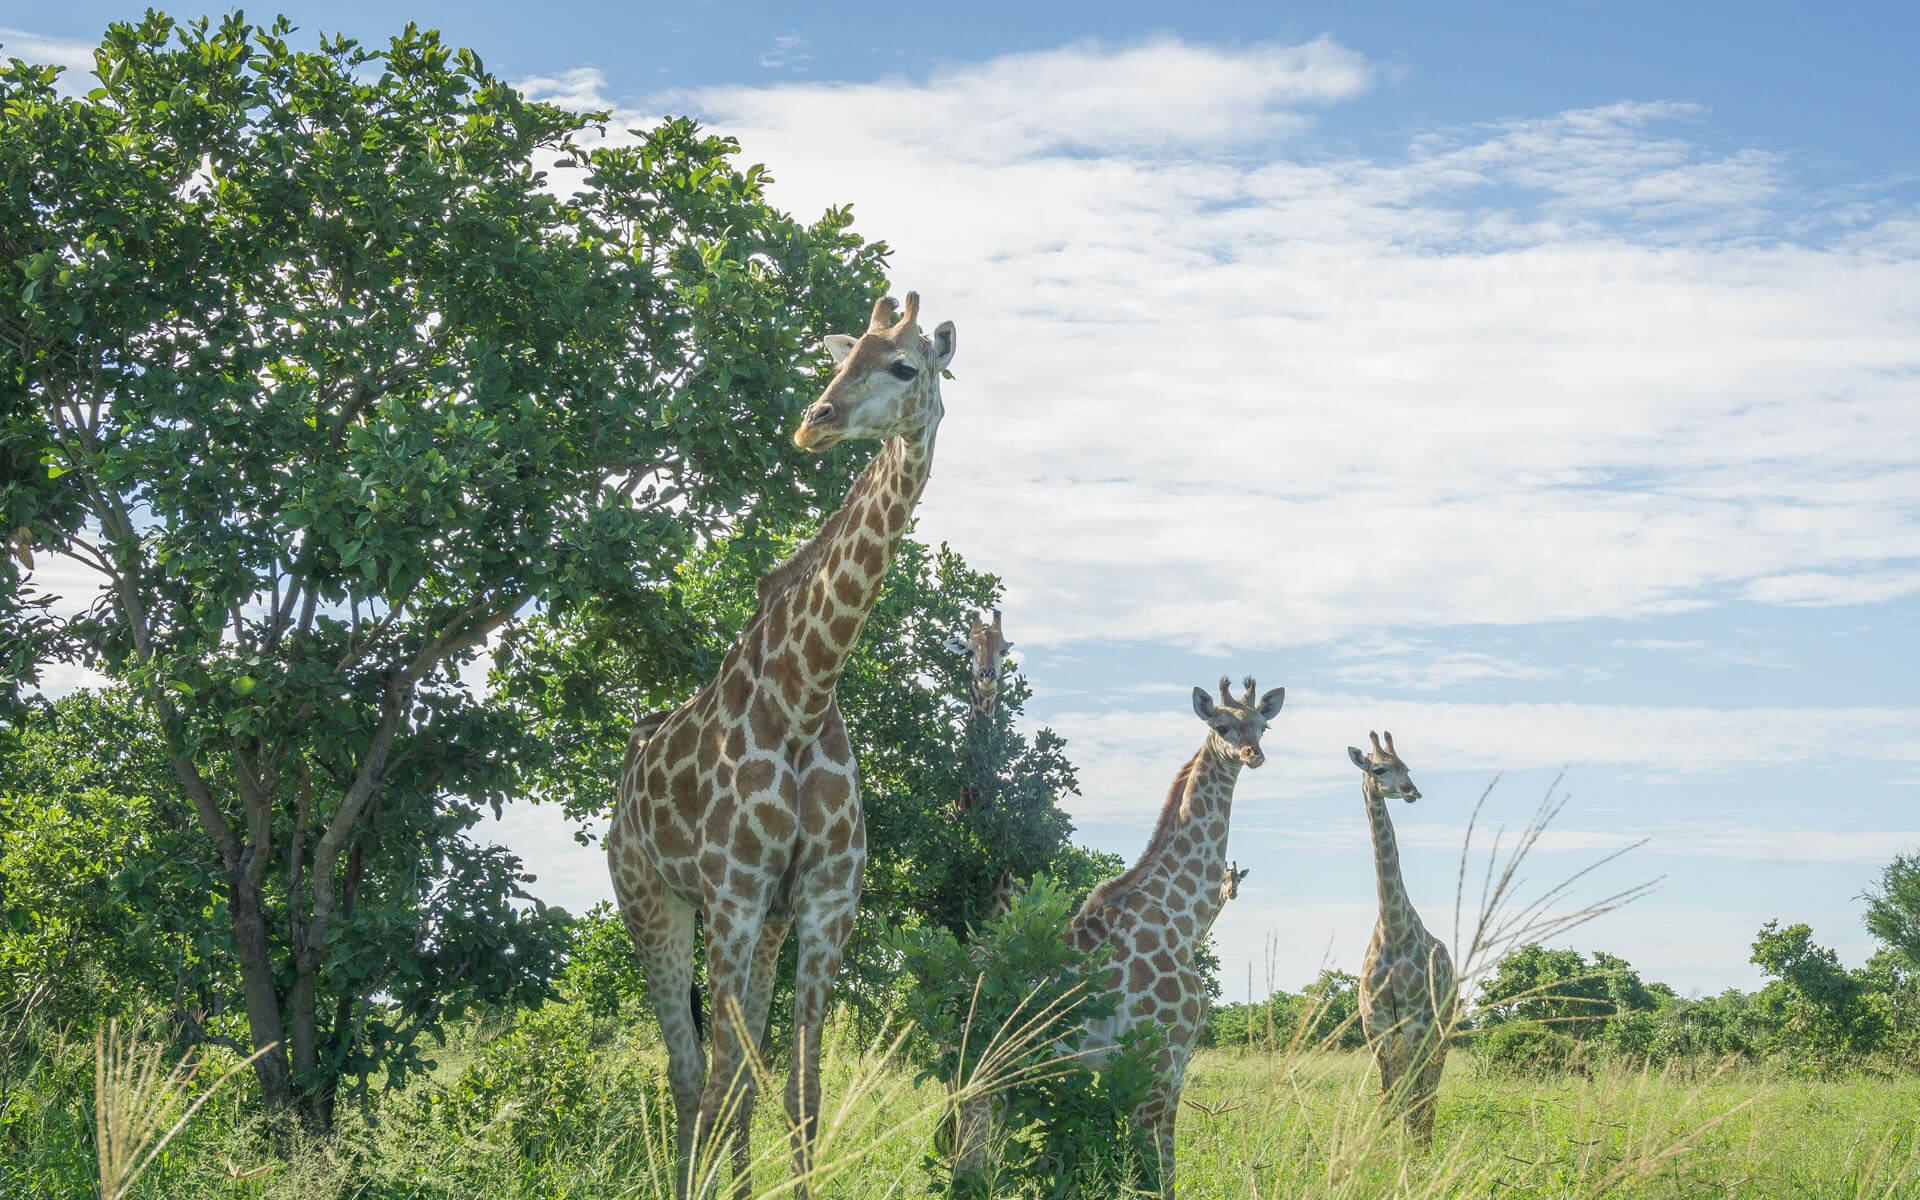 Drei Giraffen stehen auf einer Wiese.